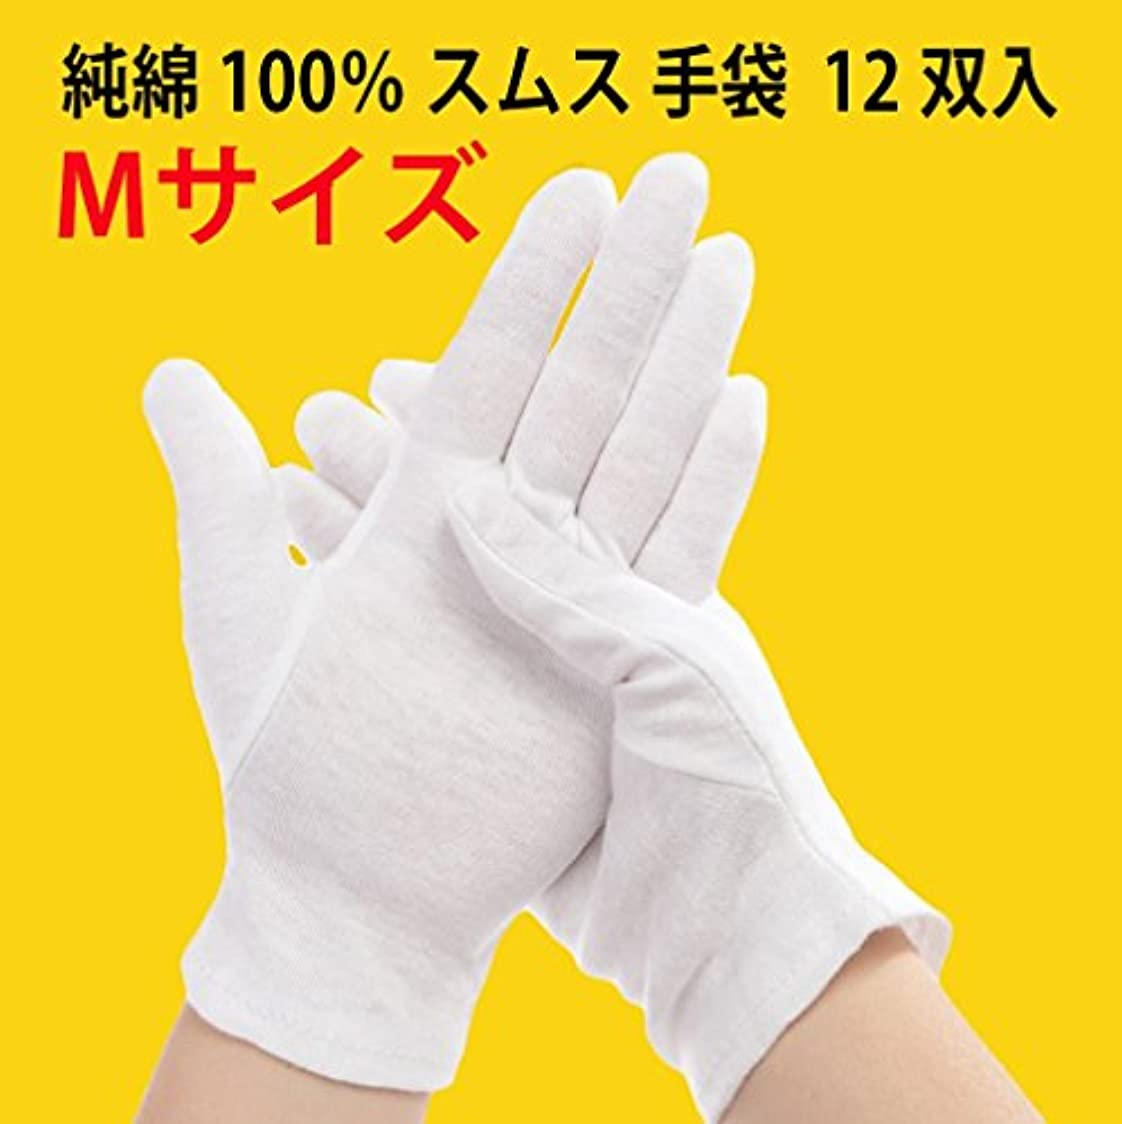 オーバーヘッドよく話されるだらしない純綿100% スムス 手袋 Mサイズ 12双 多用途 101115